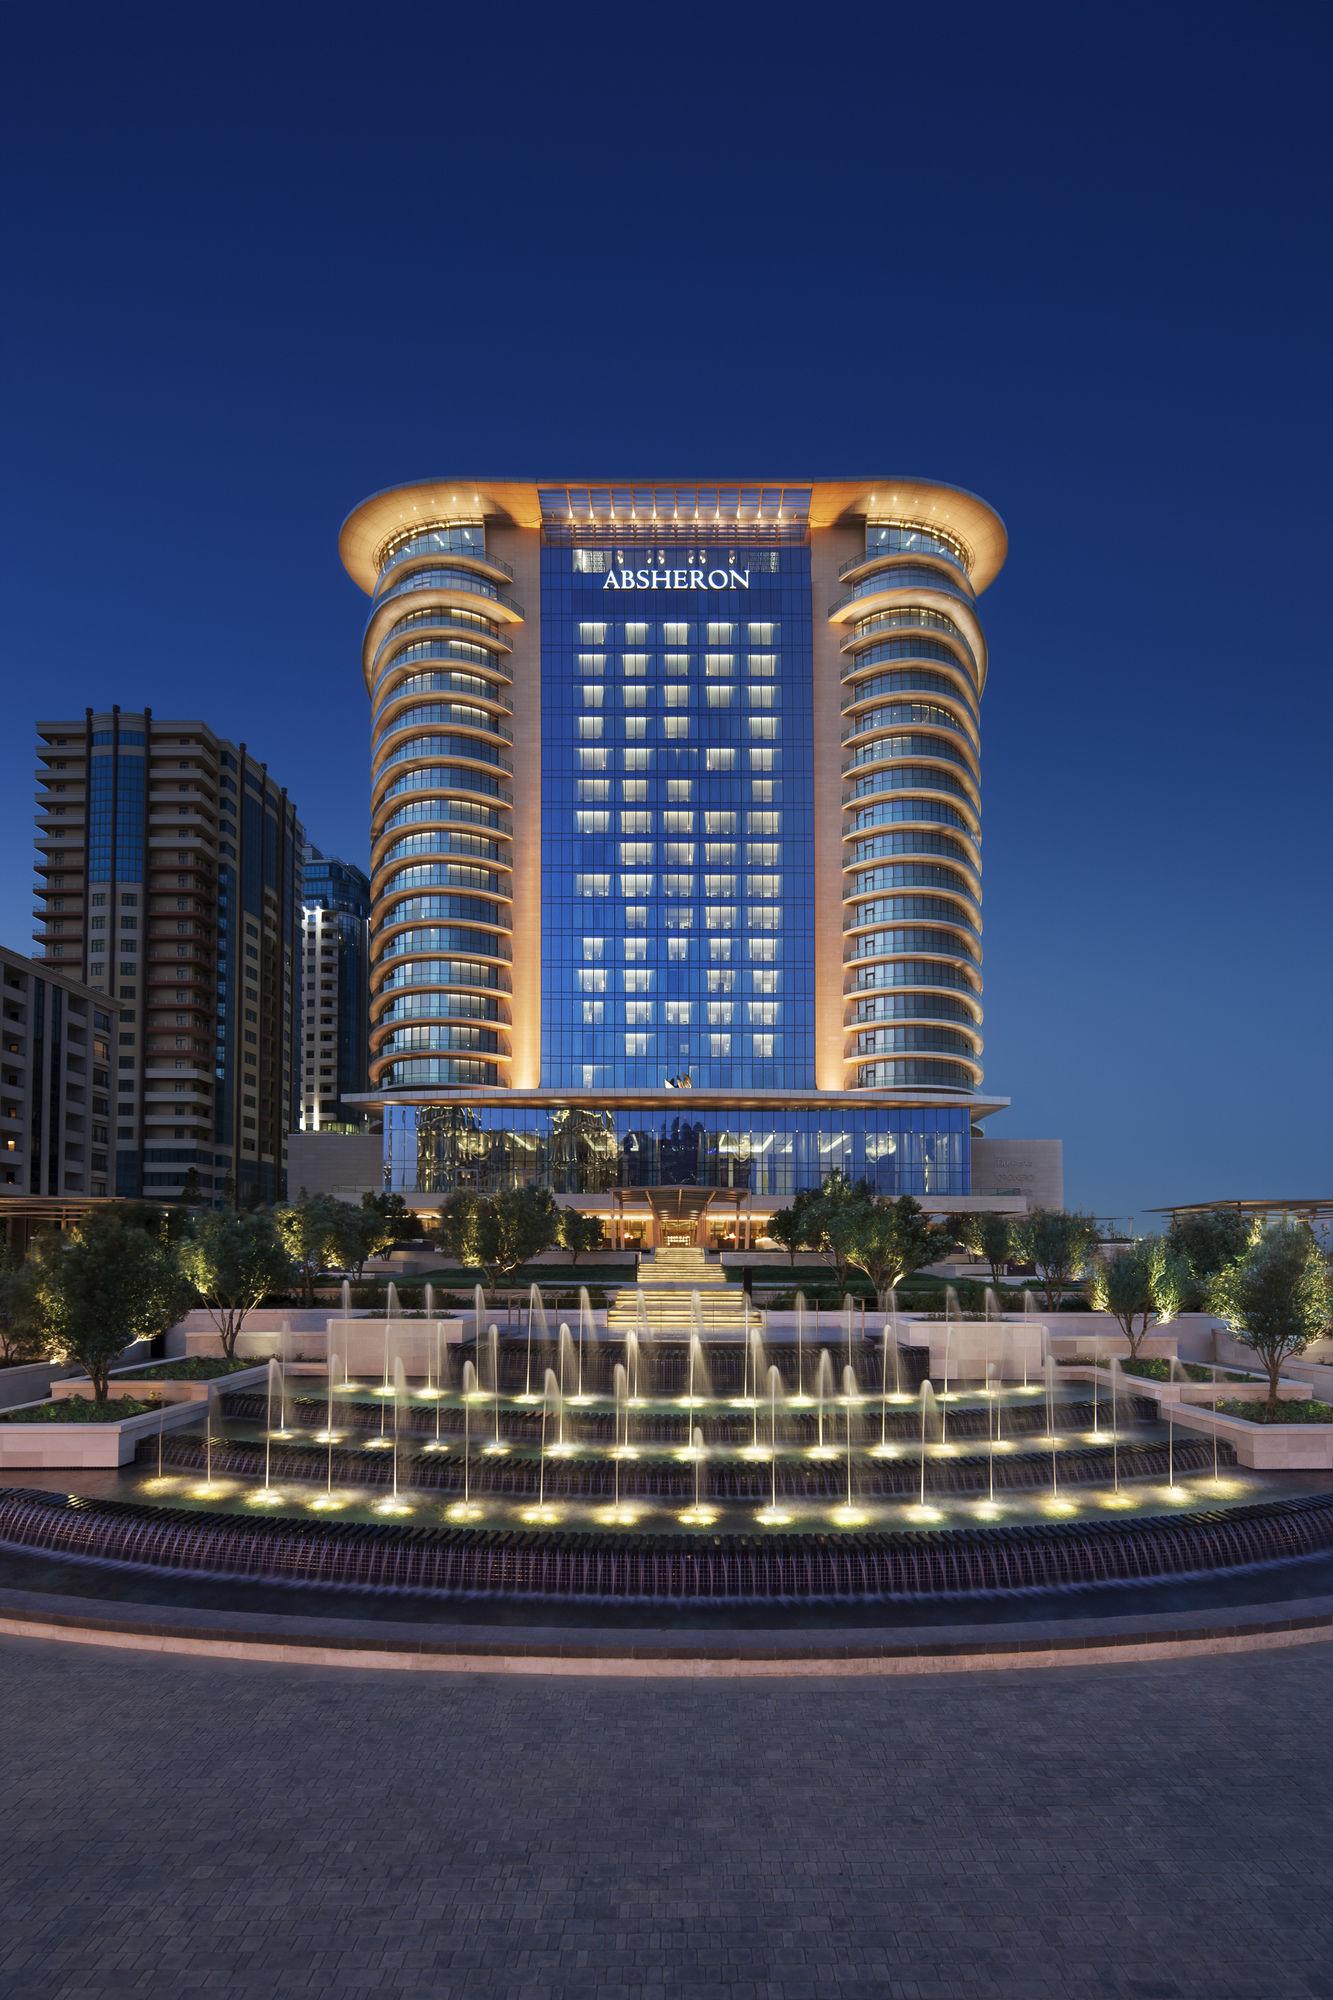 JW Marriott Absheron  дизайнерских отелей 7 дизайнерских отелей в постсоветских странах 164090 4732176 131 w original